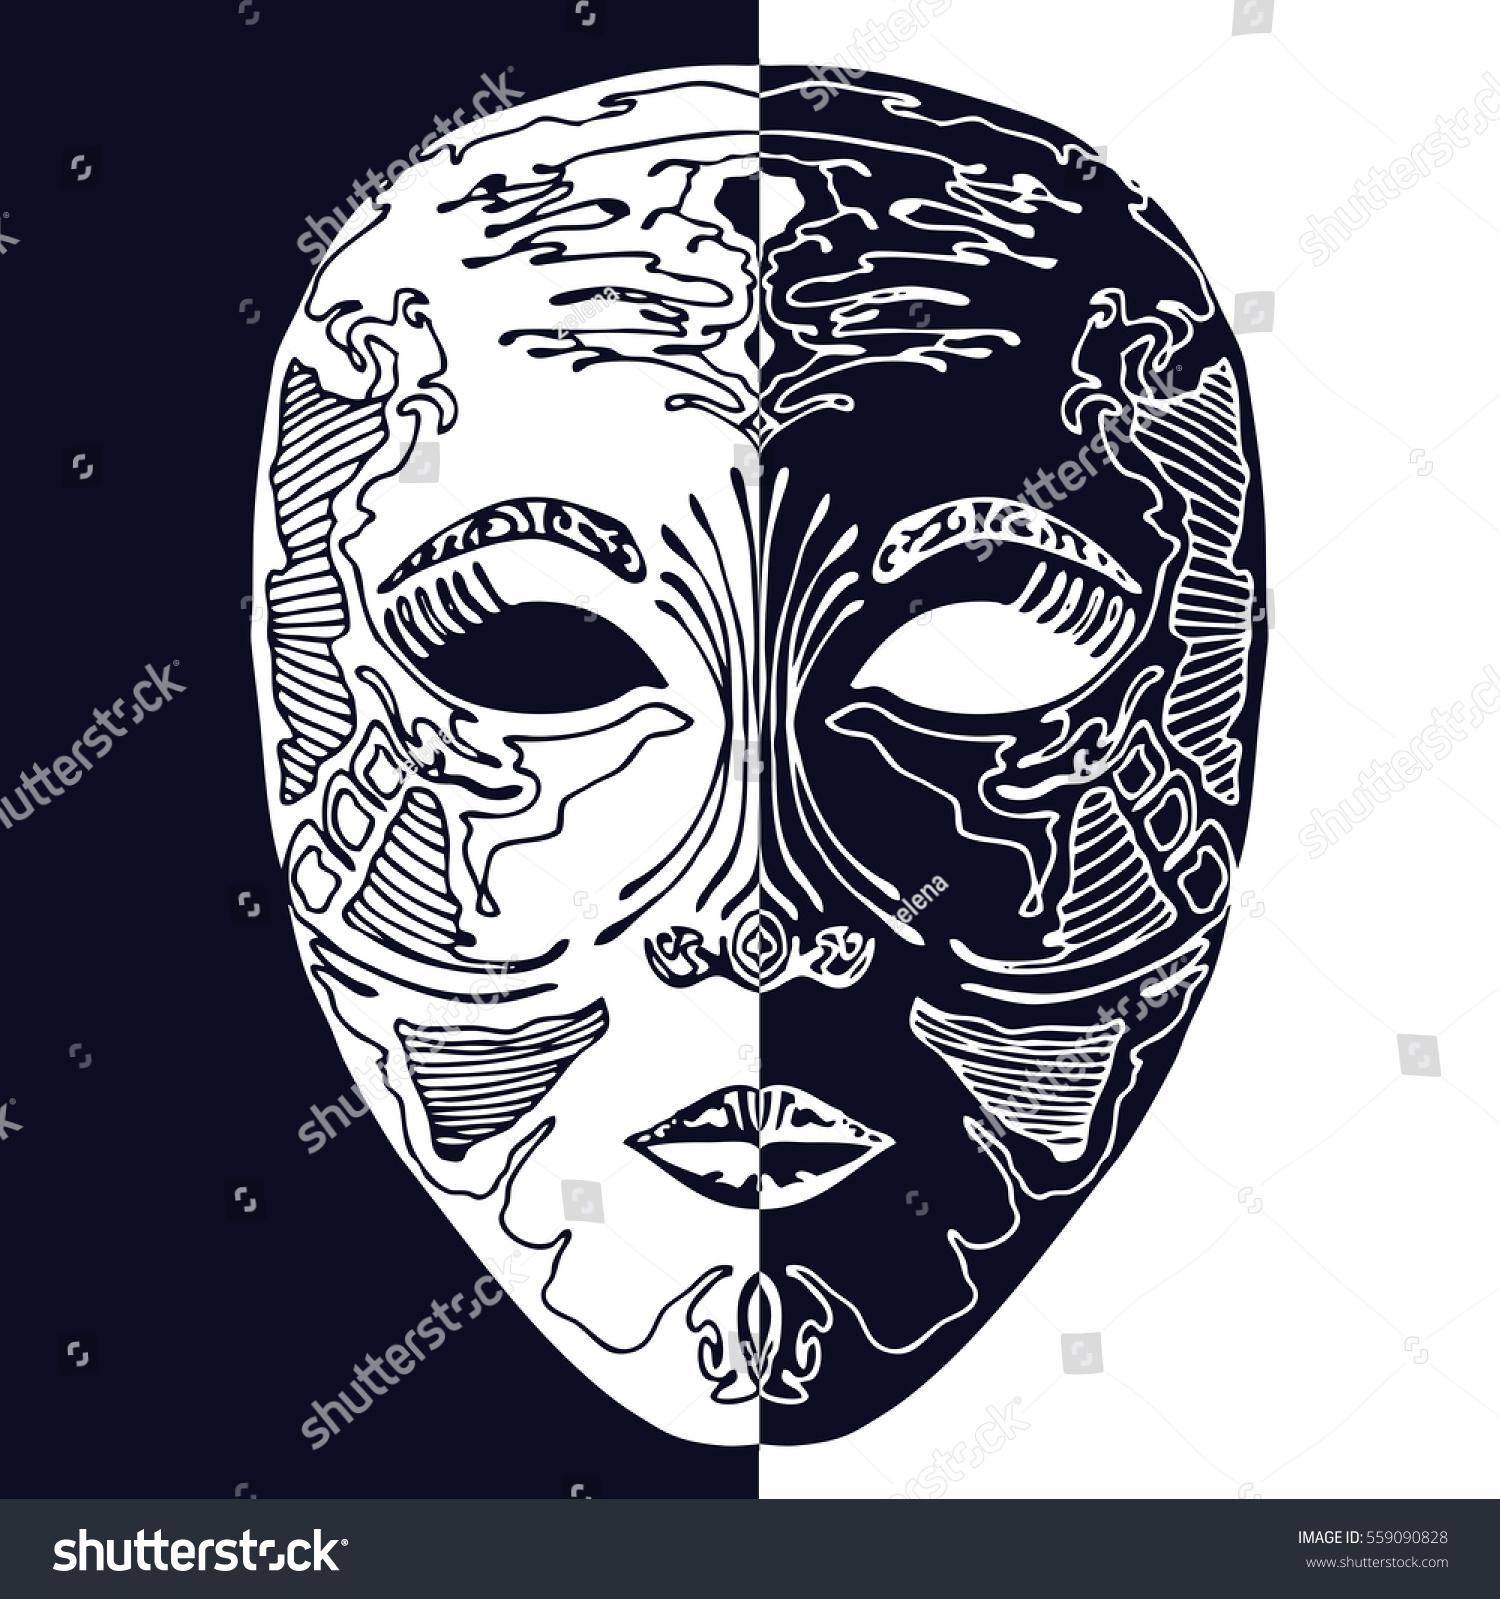 Image Vectorielle De Stock De Double Face Mask Illustration 559090828